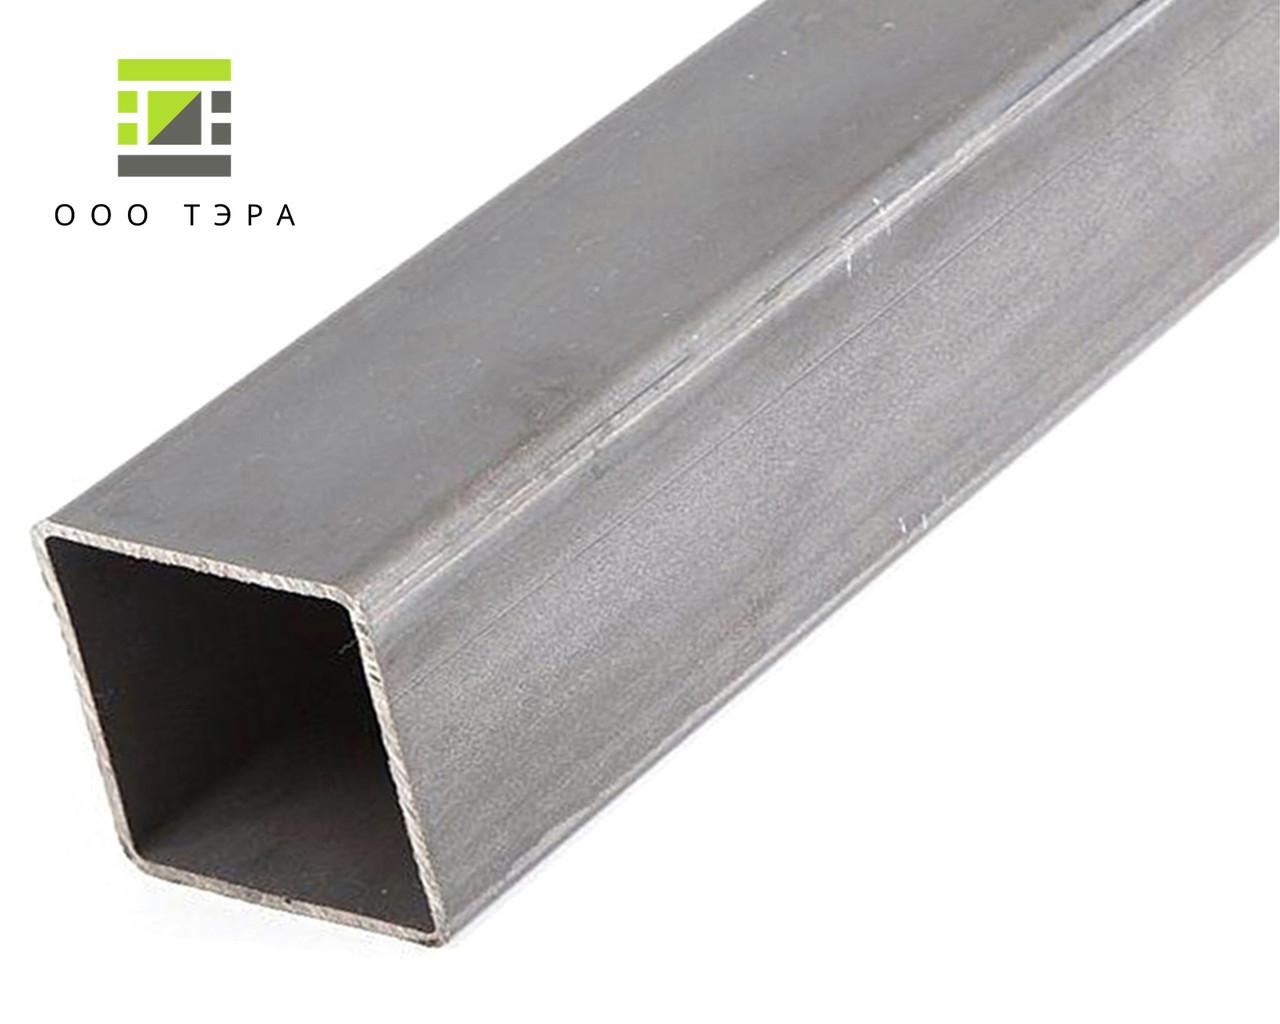 Профиль квадратный труба 40 х 40 х 2 мм стальная ГОСТ 8639-82